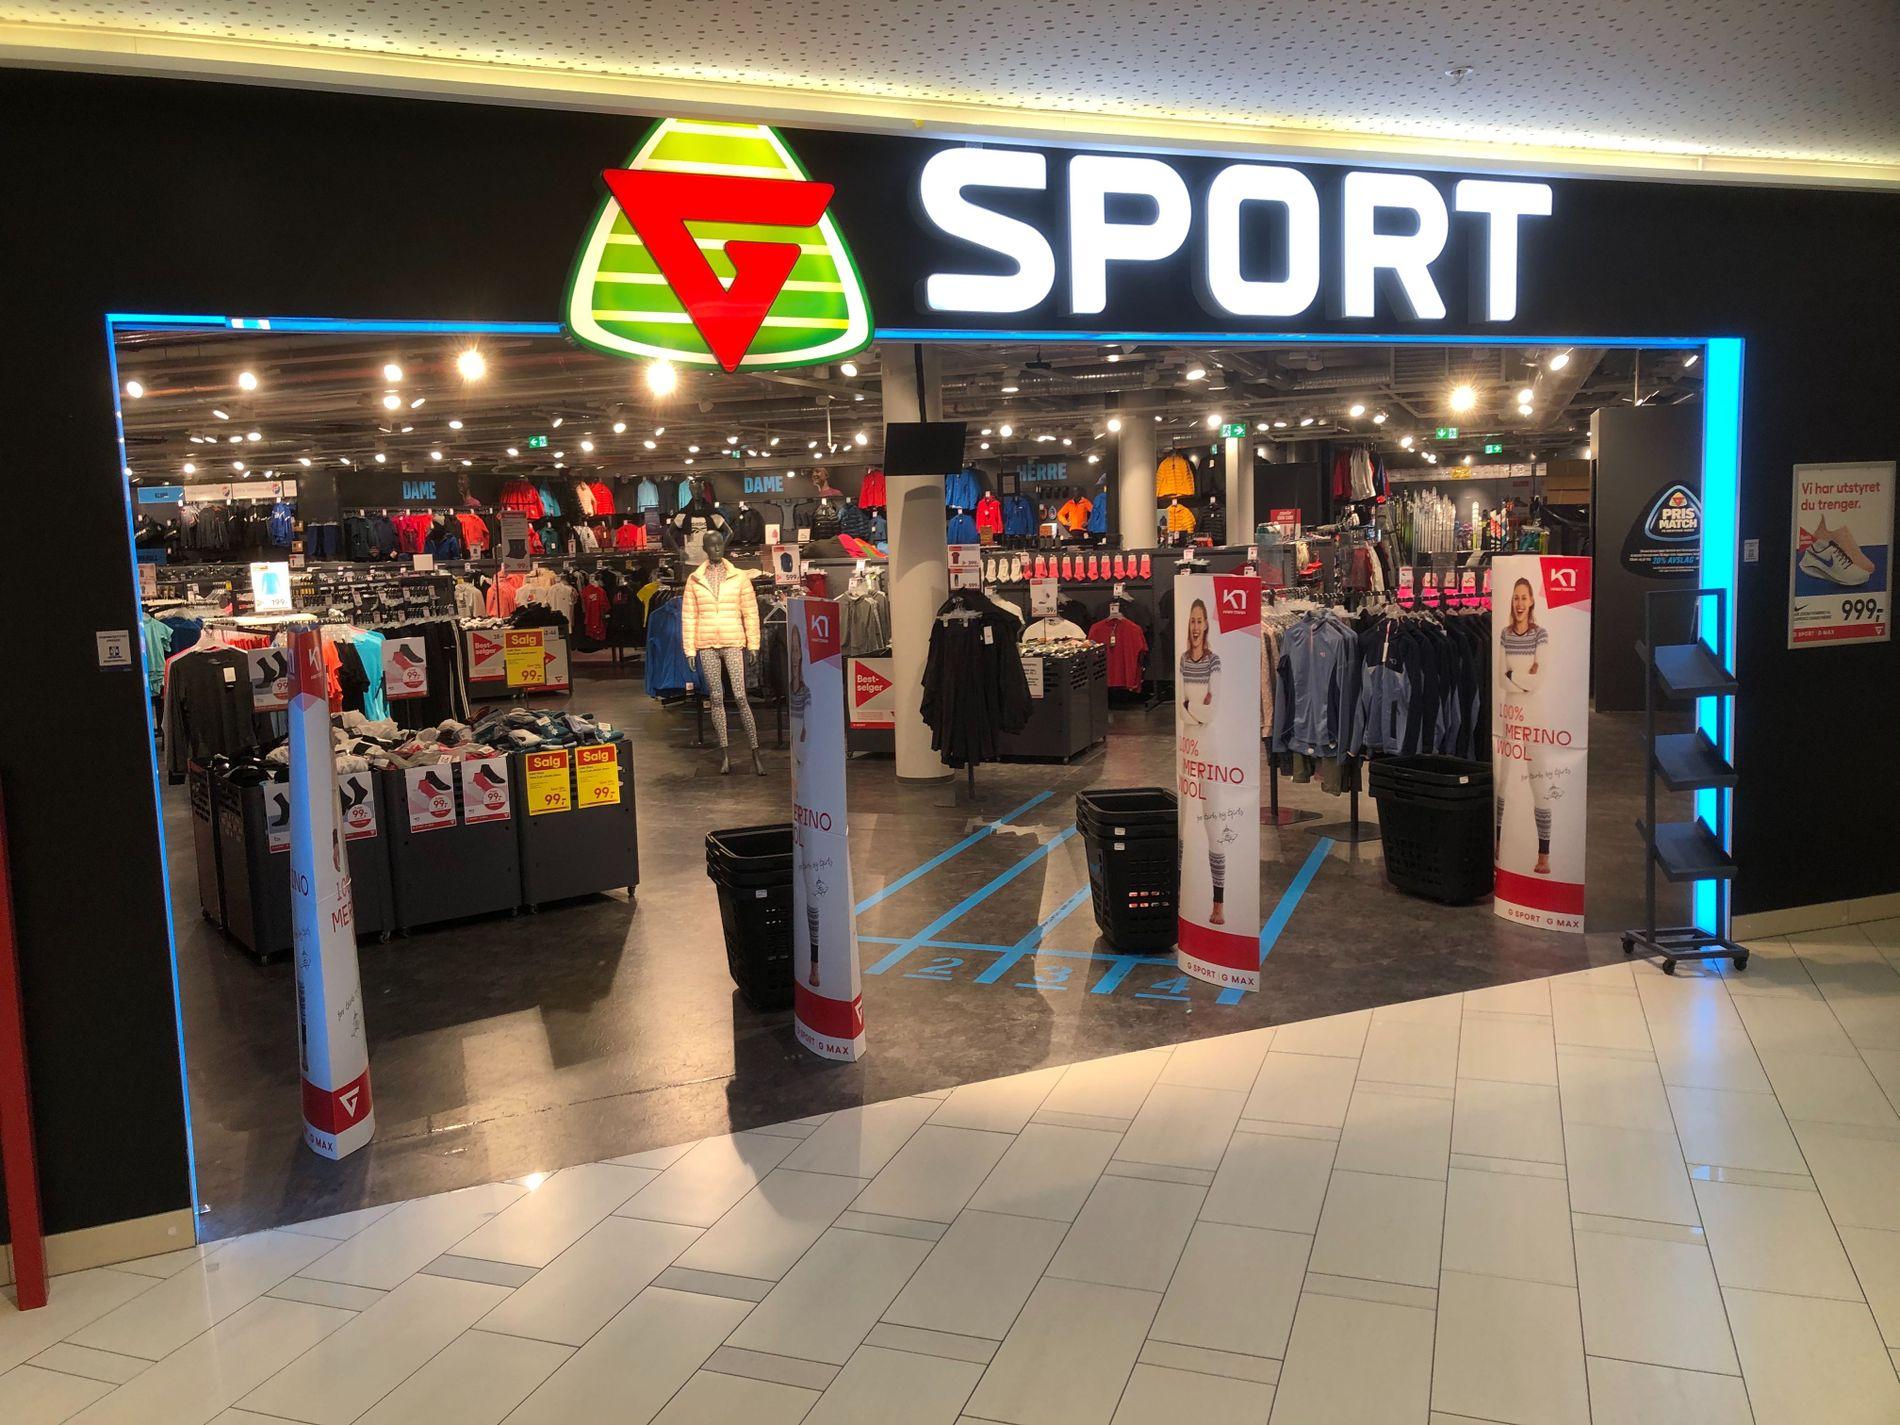 G sport på Sartor storsenter avvikles som følge av konkurs